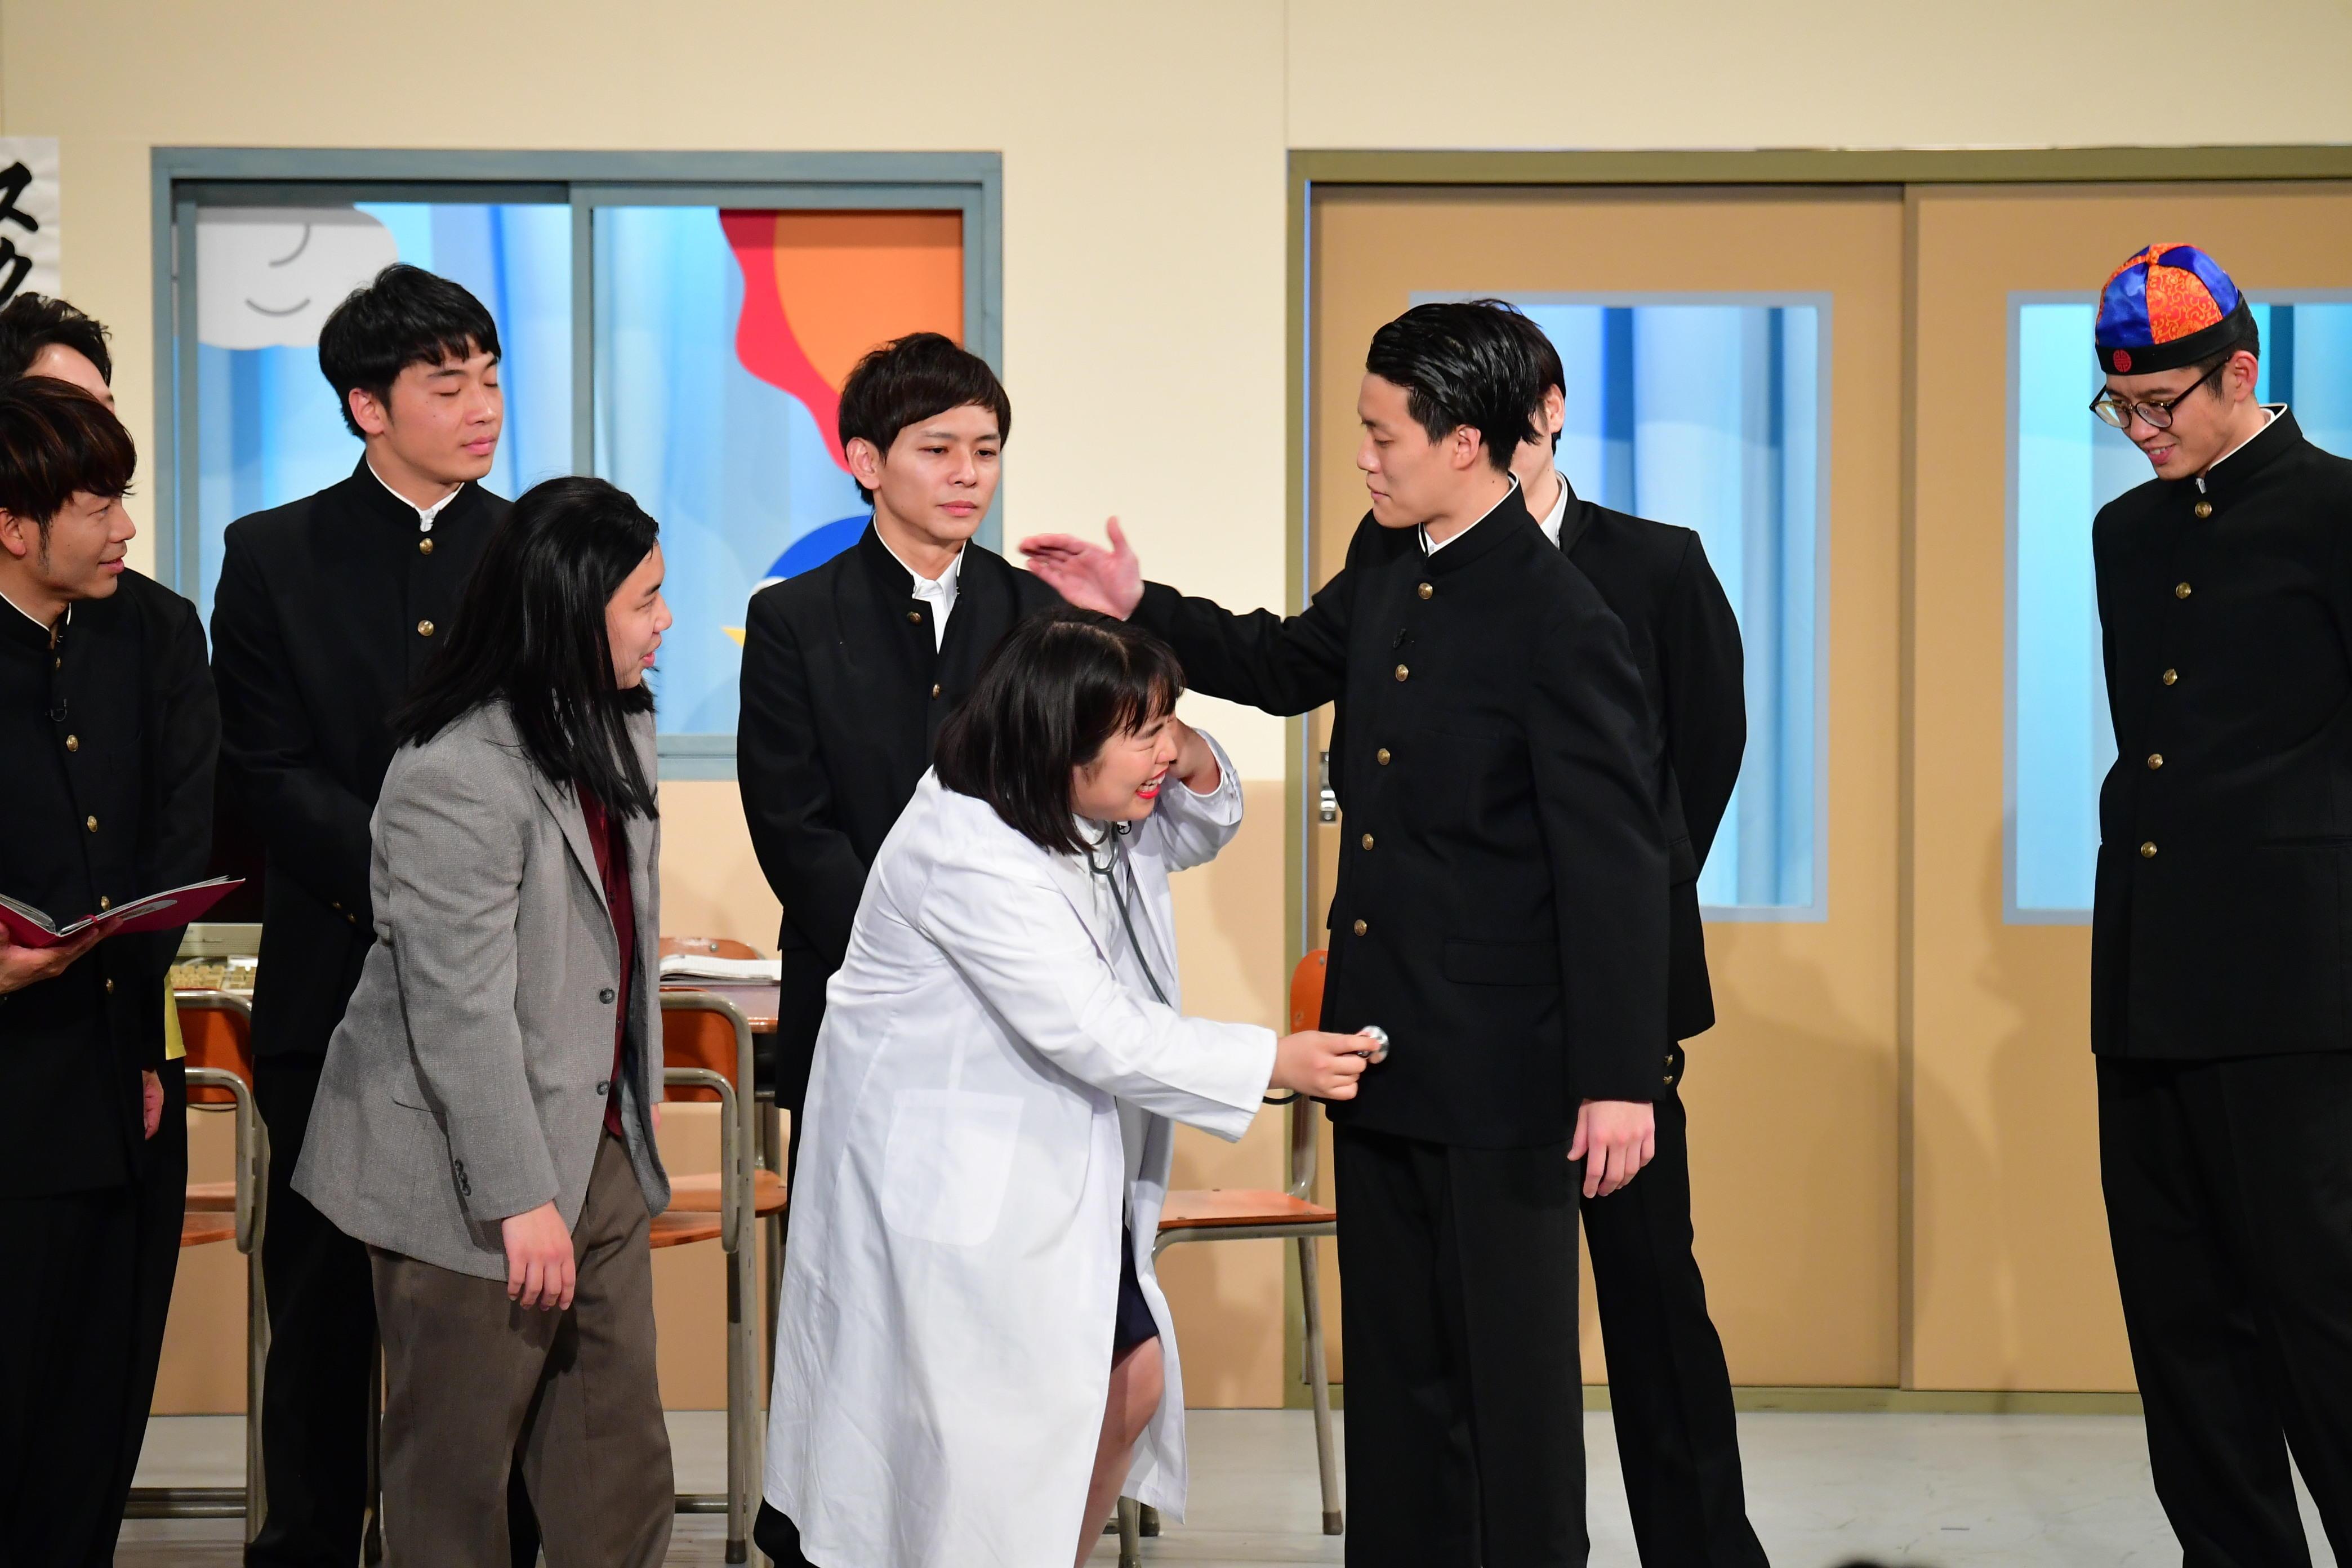 http://news.yoshimoto.co.jp/20181220091038-8ac26813f96bce7f77c6e465c9681d2962819fb6.jpg